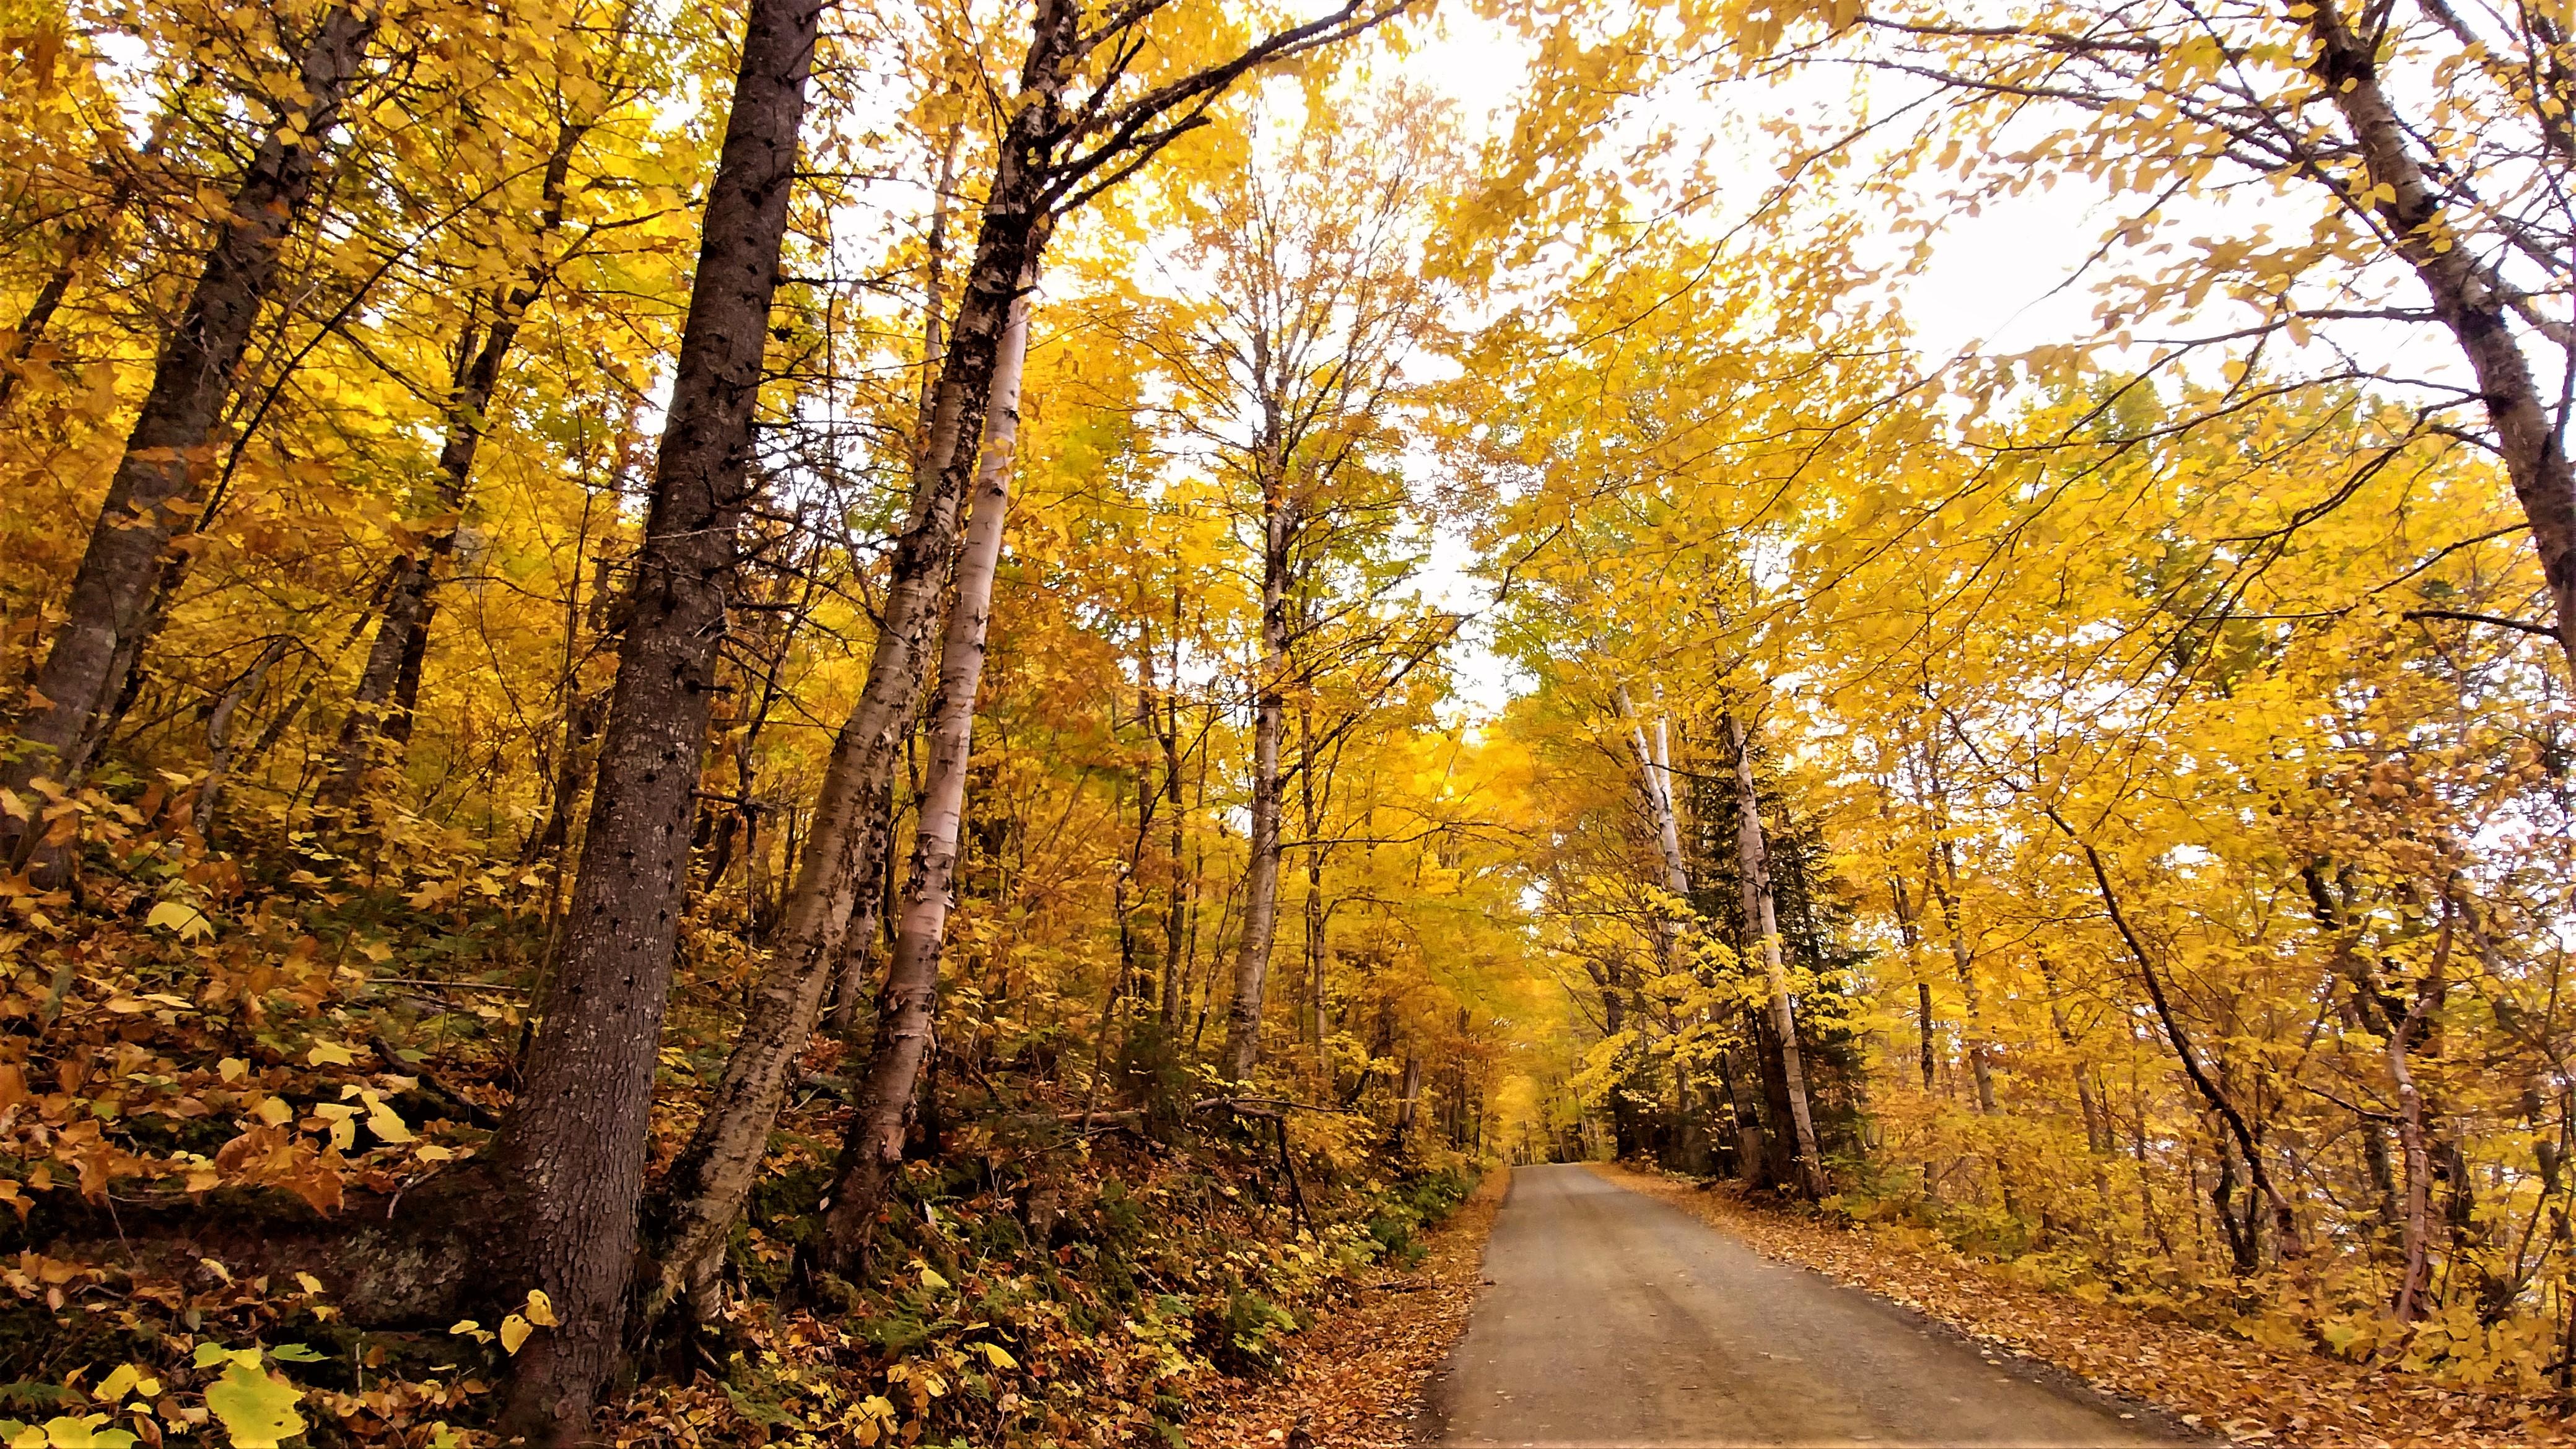 route Mont Carleton Nouveau-Brunswick Canada Acadie road-trip automne blog voyage road-trip arpenter le chemin